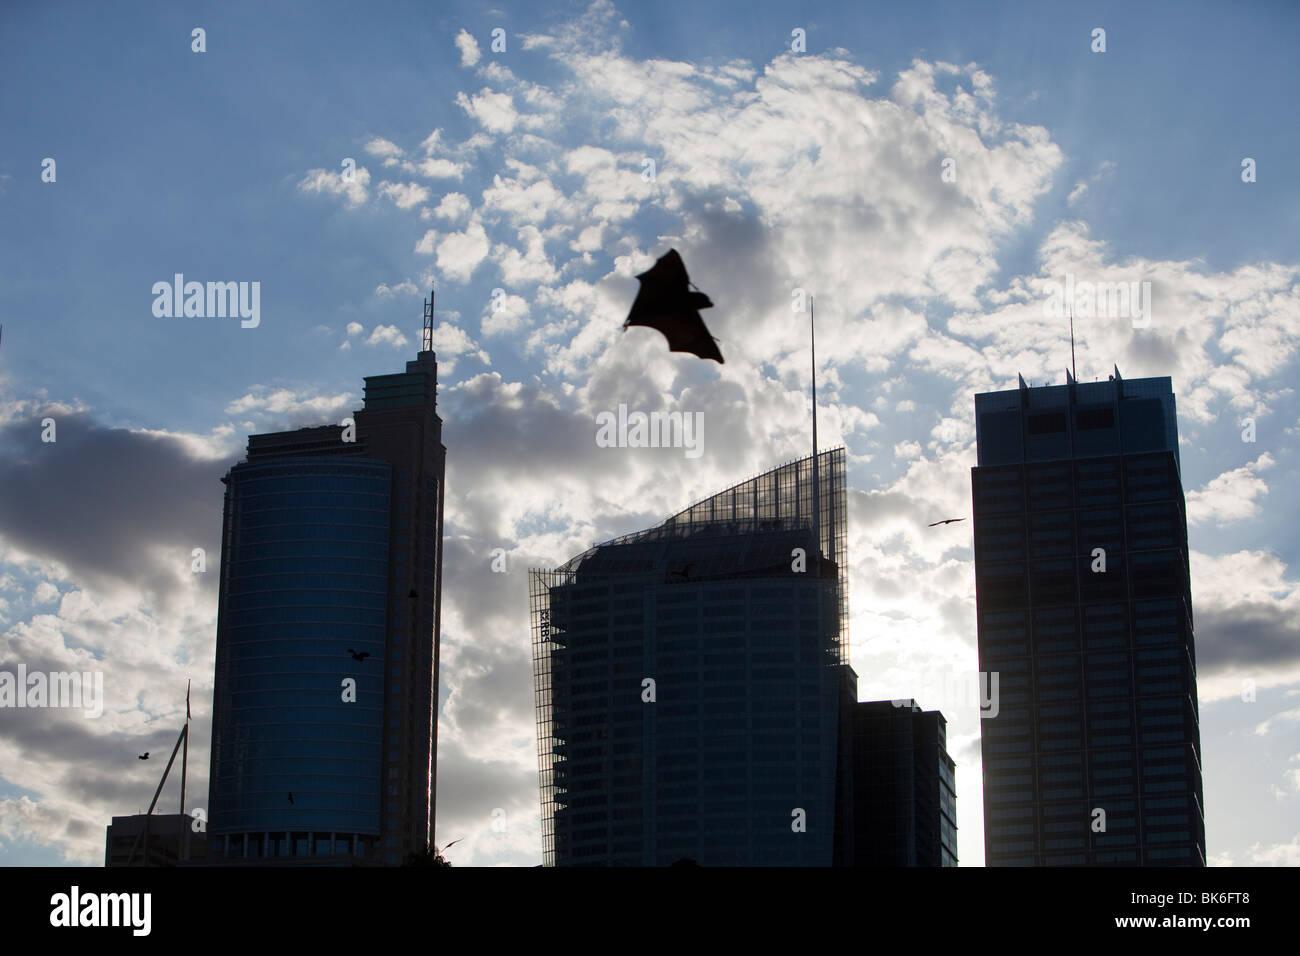 Le vol des chauves souris en face du centre-ville de Sydney tower blocks, l'Australie. Photo Stock